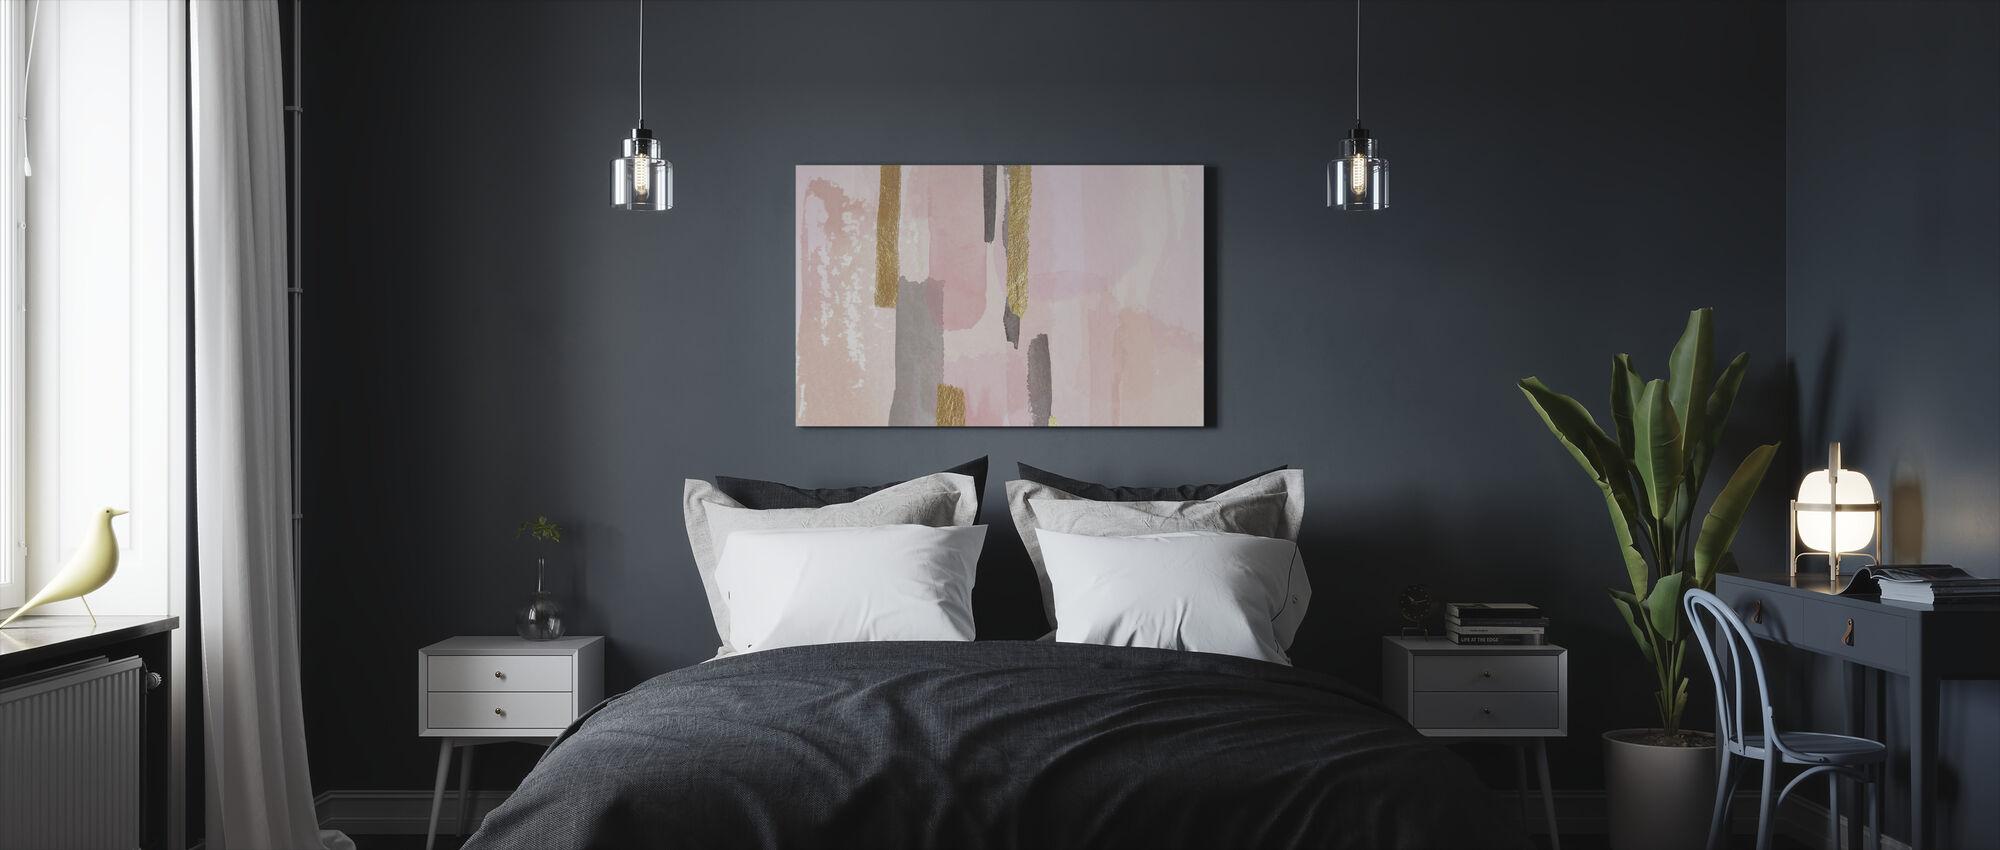 Vaaleanpunainen ja kultainen sisustus - Canvastaulu - Makuuhuone